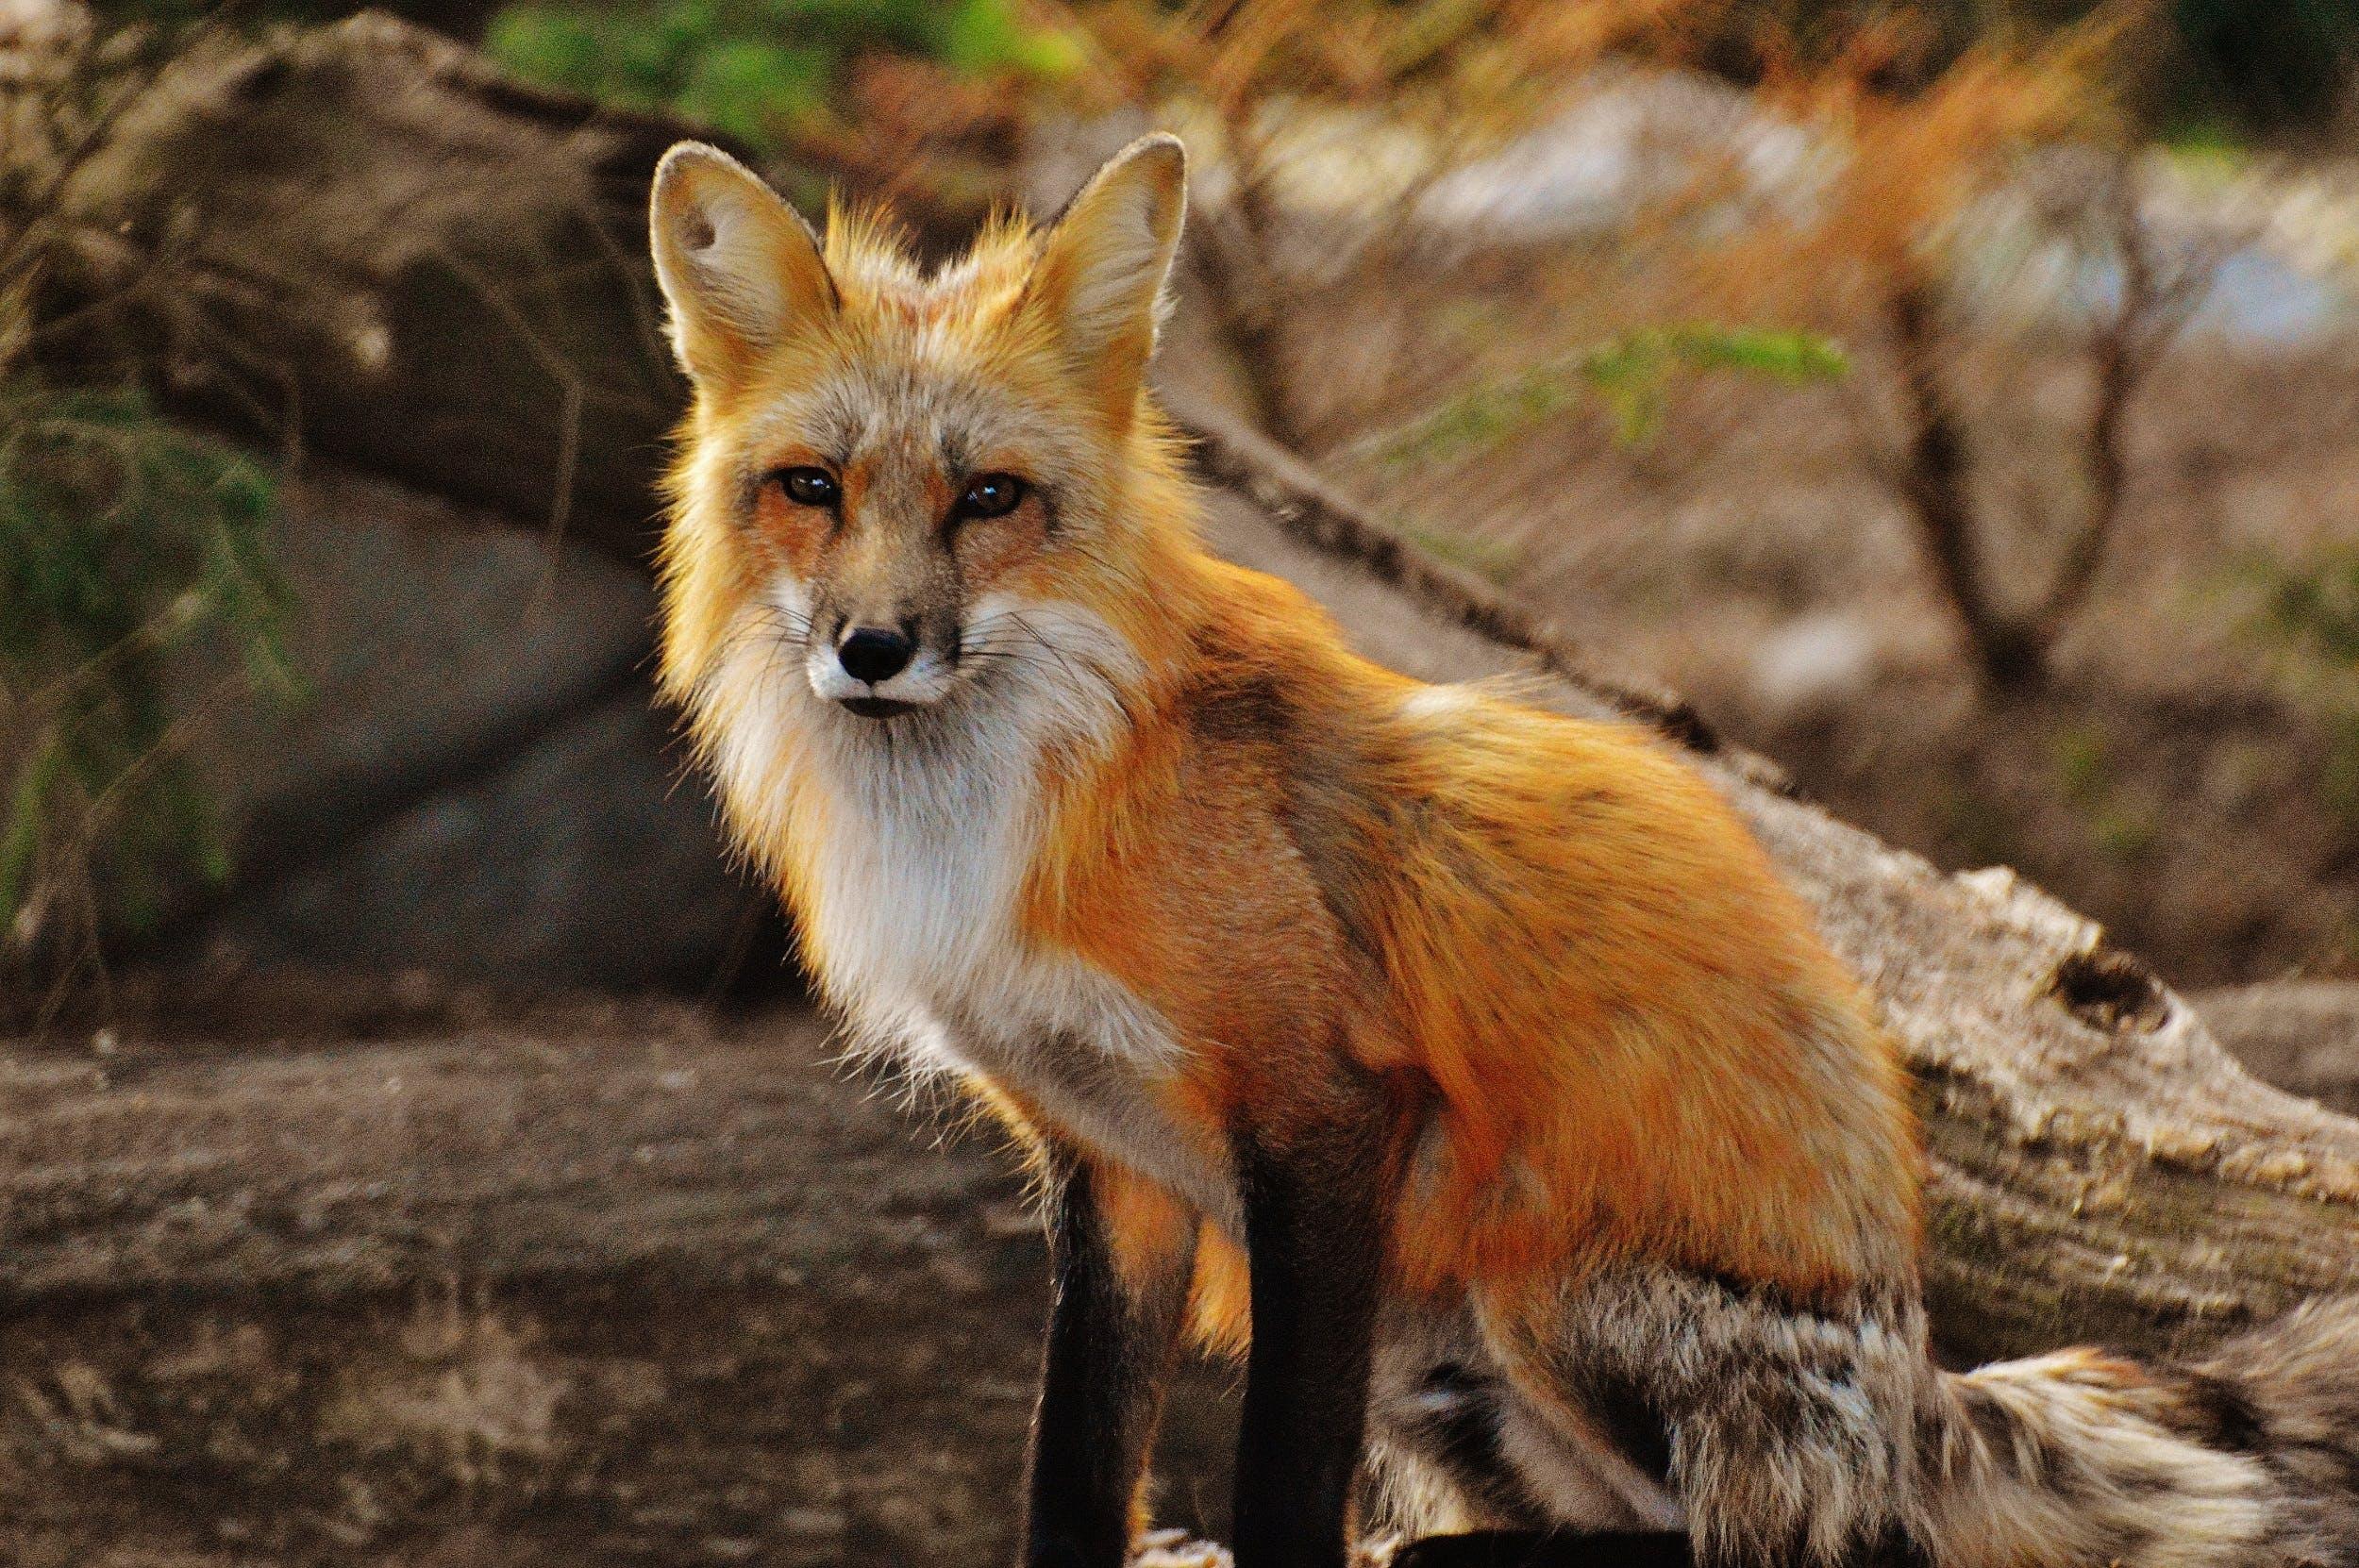 czerwony lis, drewno, dzika przyroda